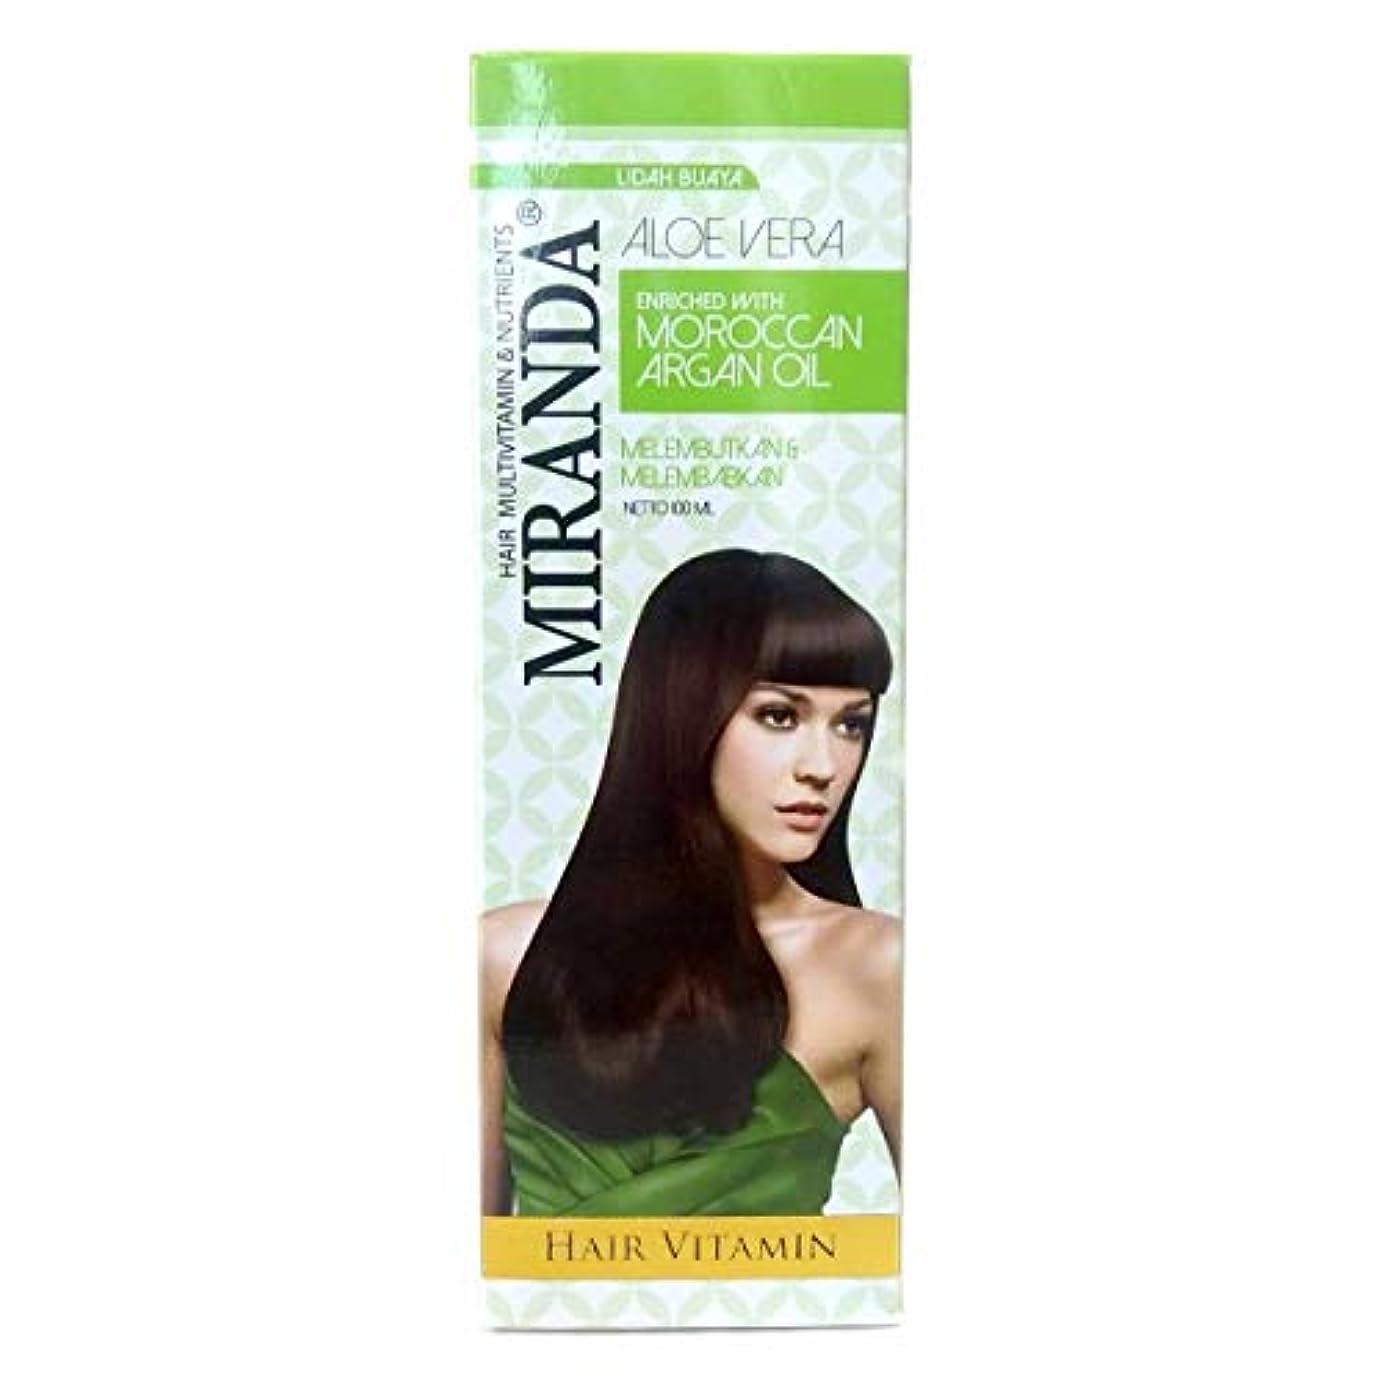 不透明な今後早くMIRANDA ミランダ Hair Vitamin ヘアビタミン モロッカンアルガンオイル主成分の洗い流さないヘアトリートメント プッシュボトル 100ml Aloe vera アロエベラ [海外直送品]